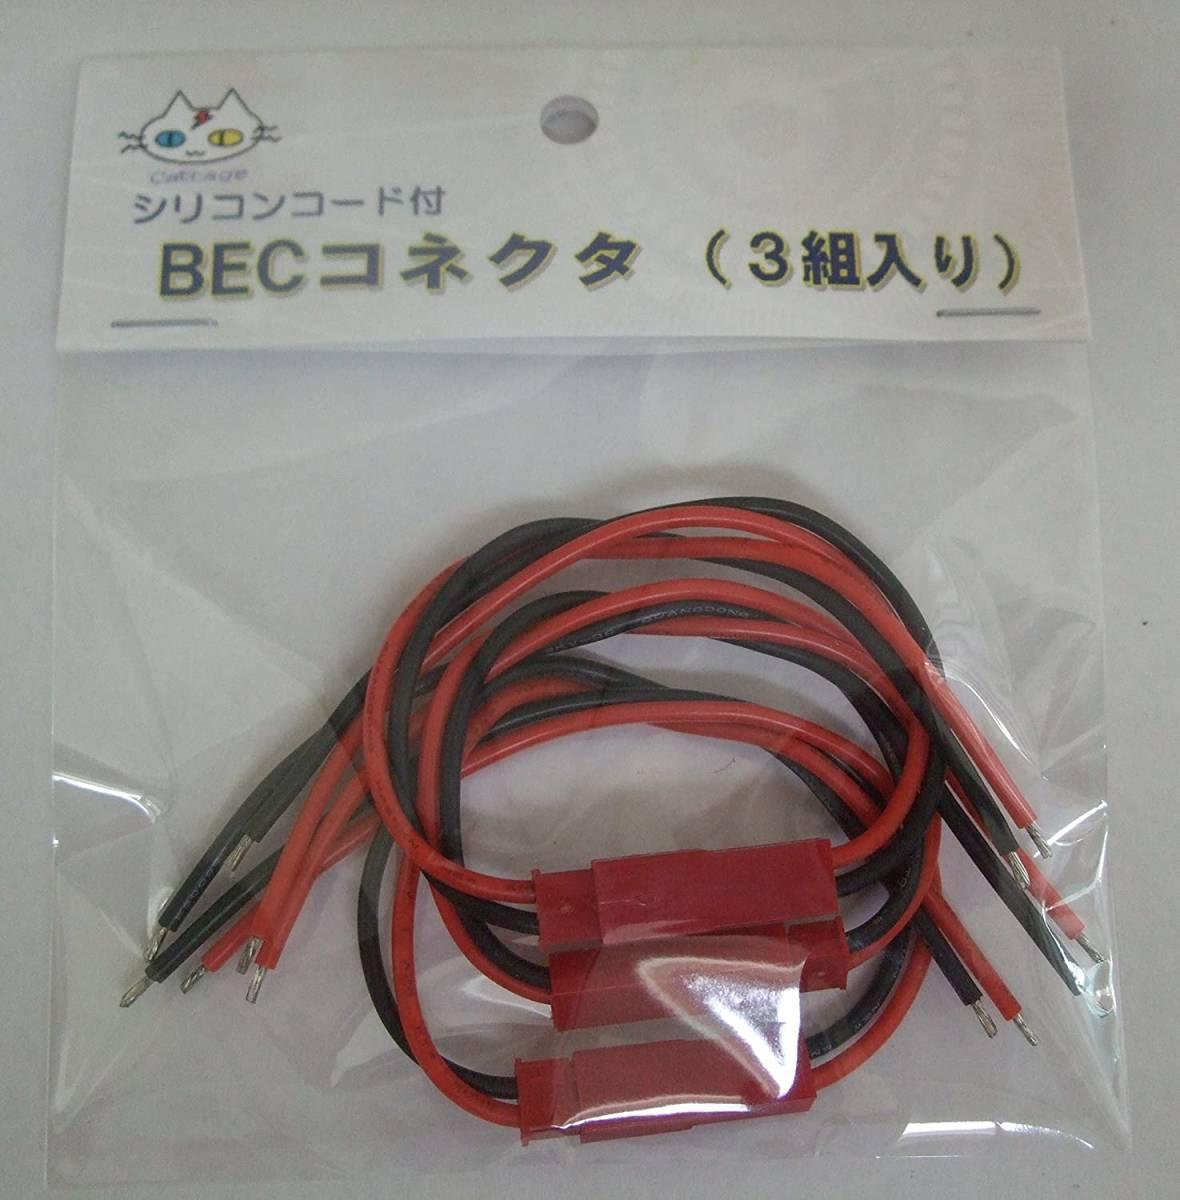 BECコネクタ シリコンコード付|匿名配送| 【オスメス3組入り】 LiPo電池等に